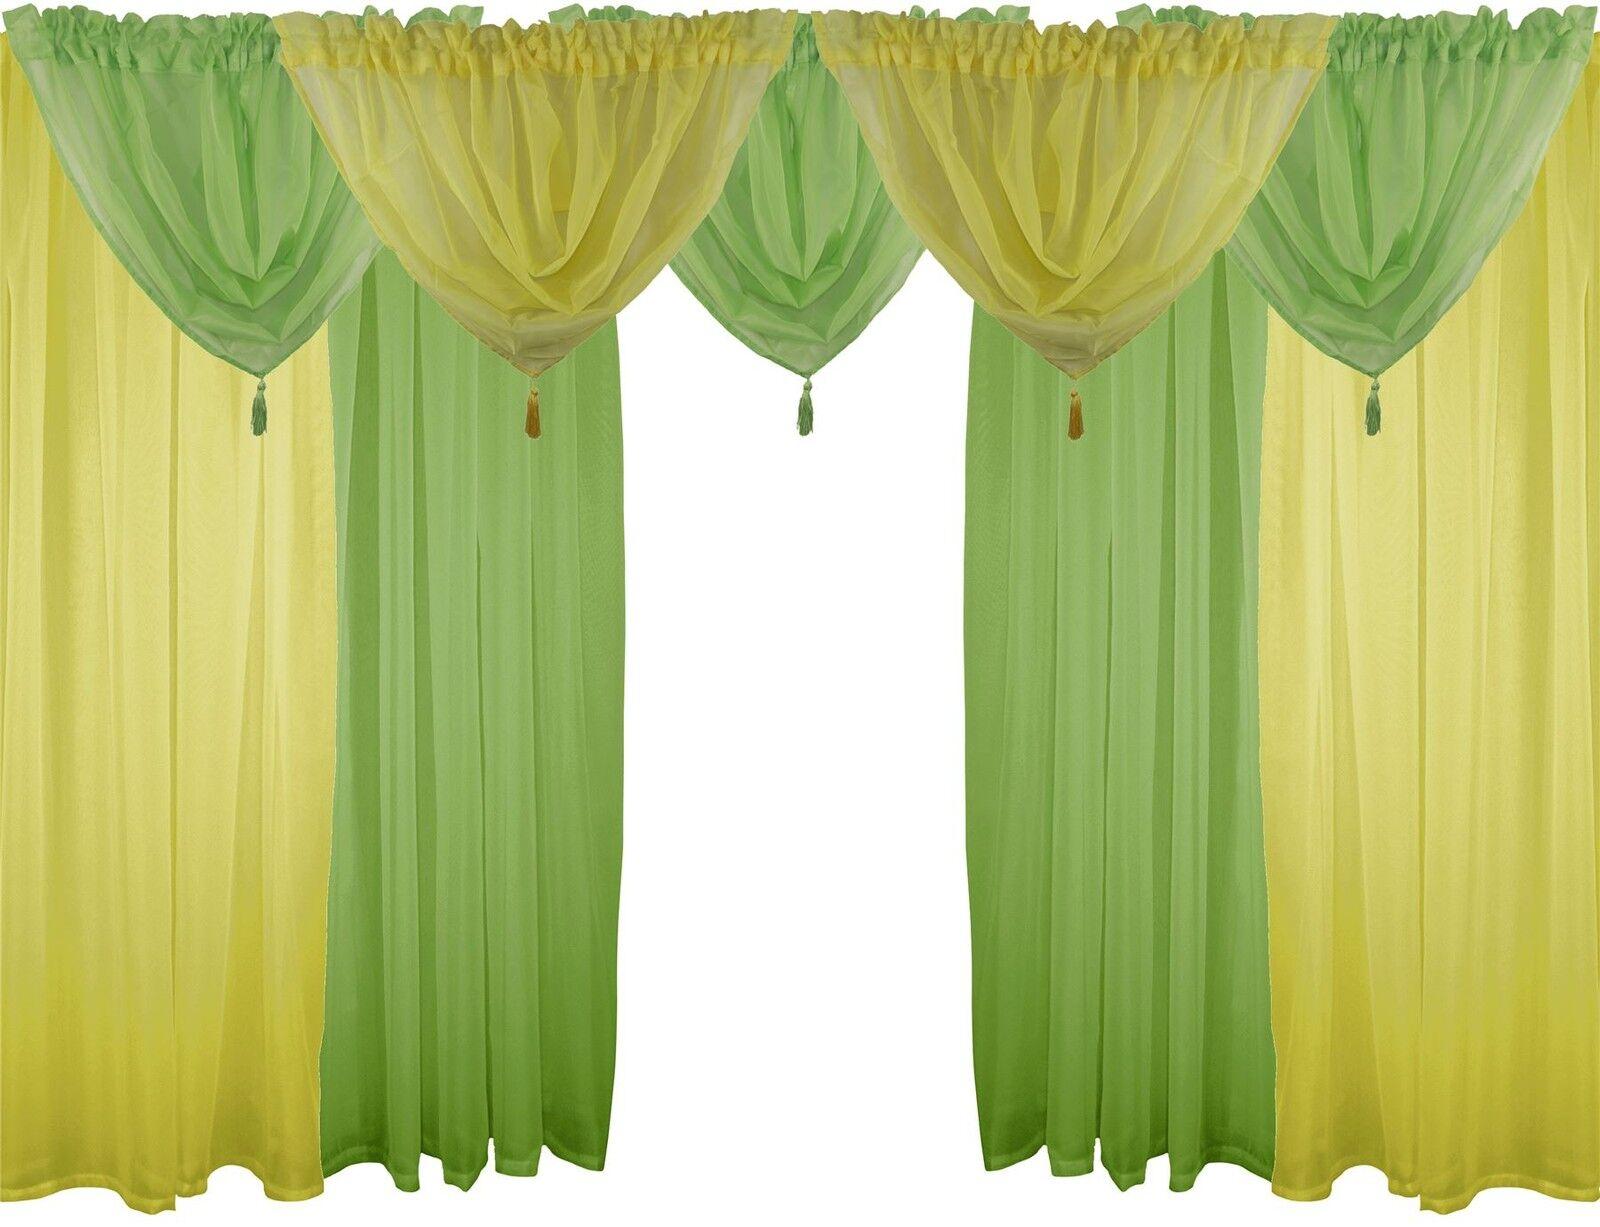 Gelb & Grün 9 Teile Voile-Set 122cm 122CM Stab Taschen Gardinen Vorhänge & Beute | Berühmter Laden